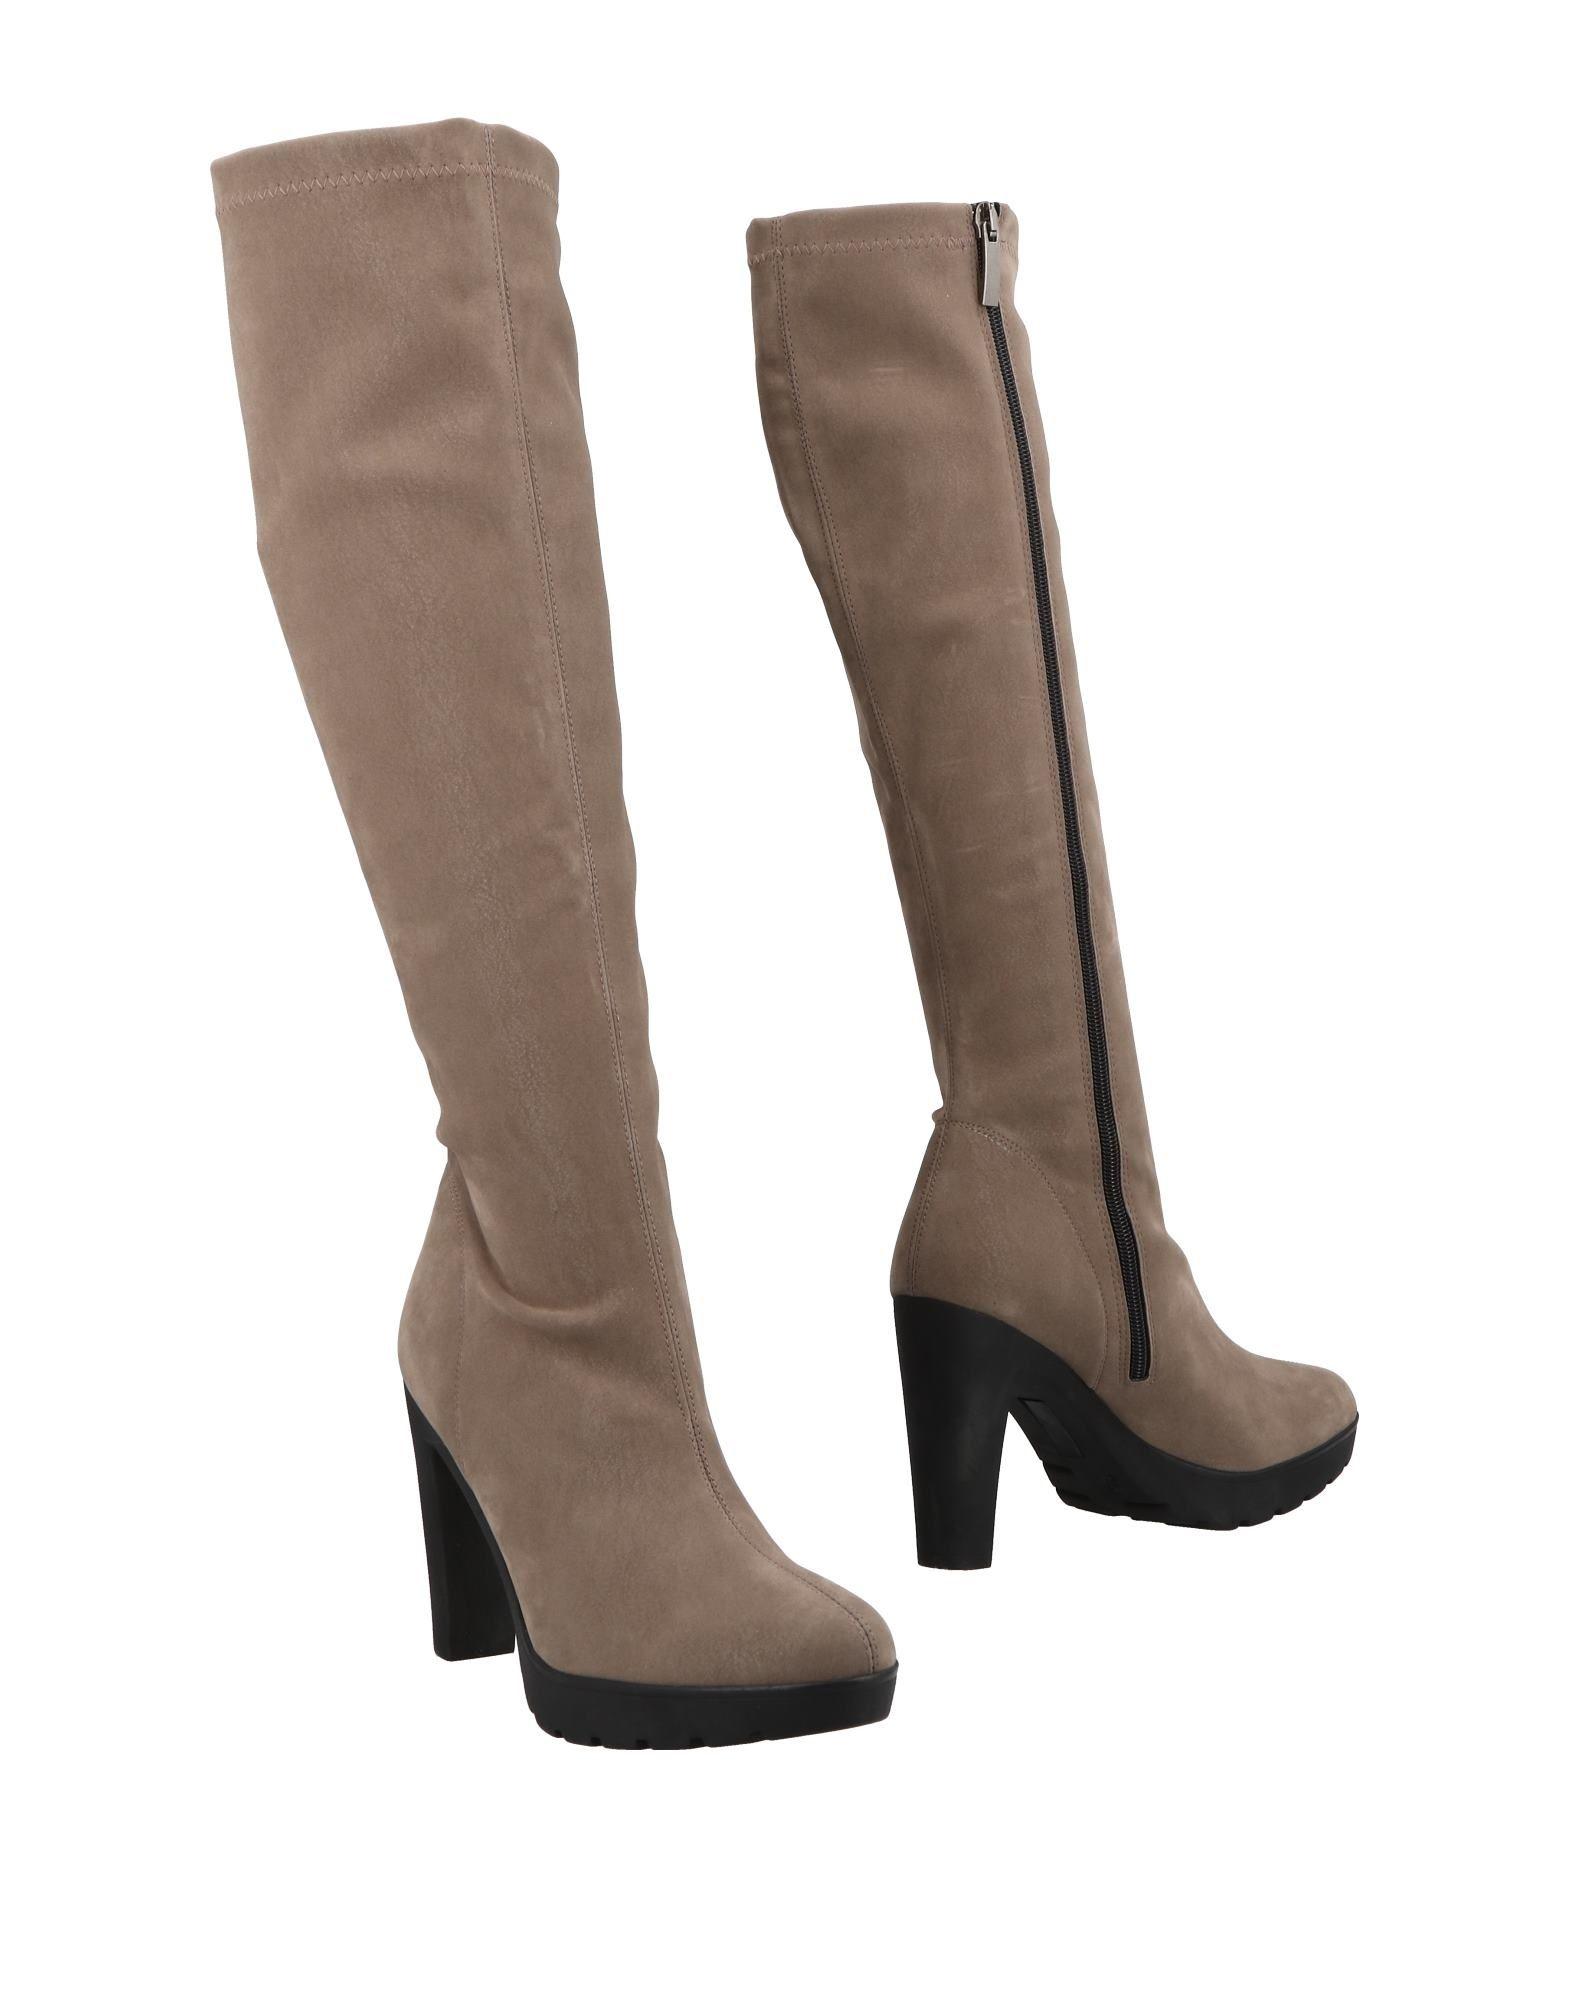 Nr Rapisardi Stiefel Damen  11503528LK Gute Qualität beliebte Schuhe